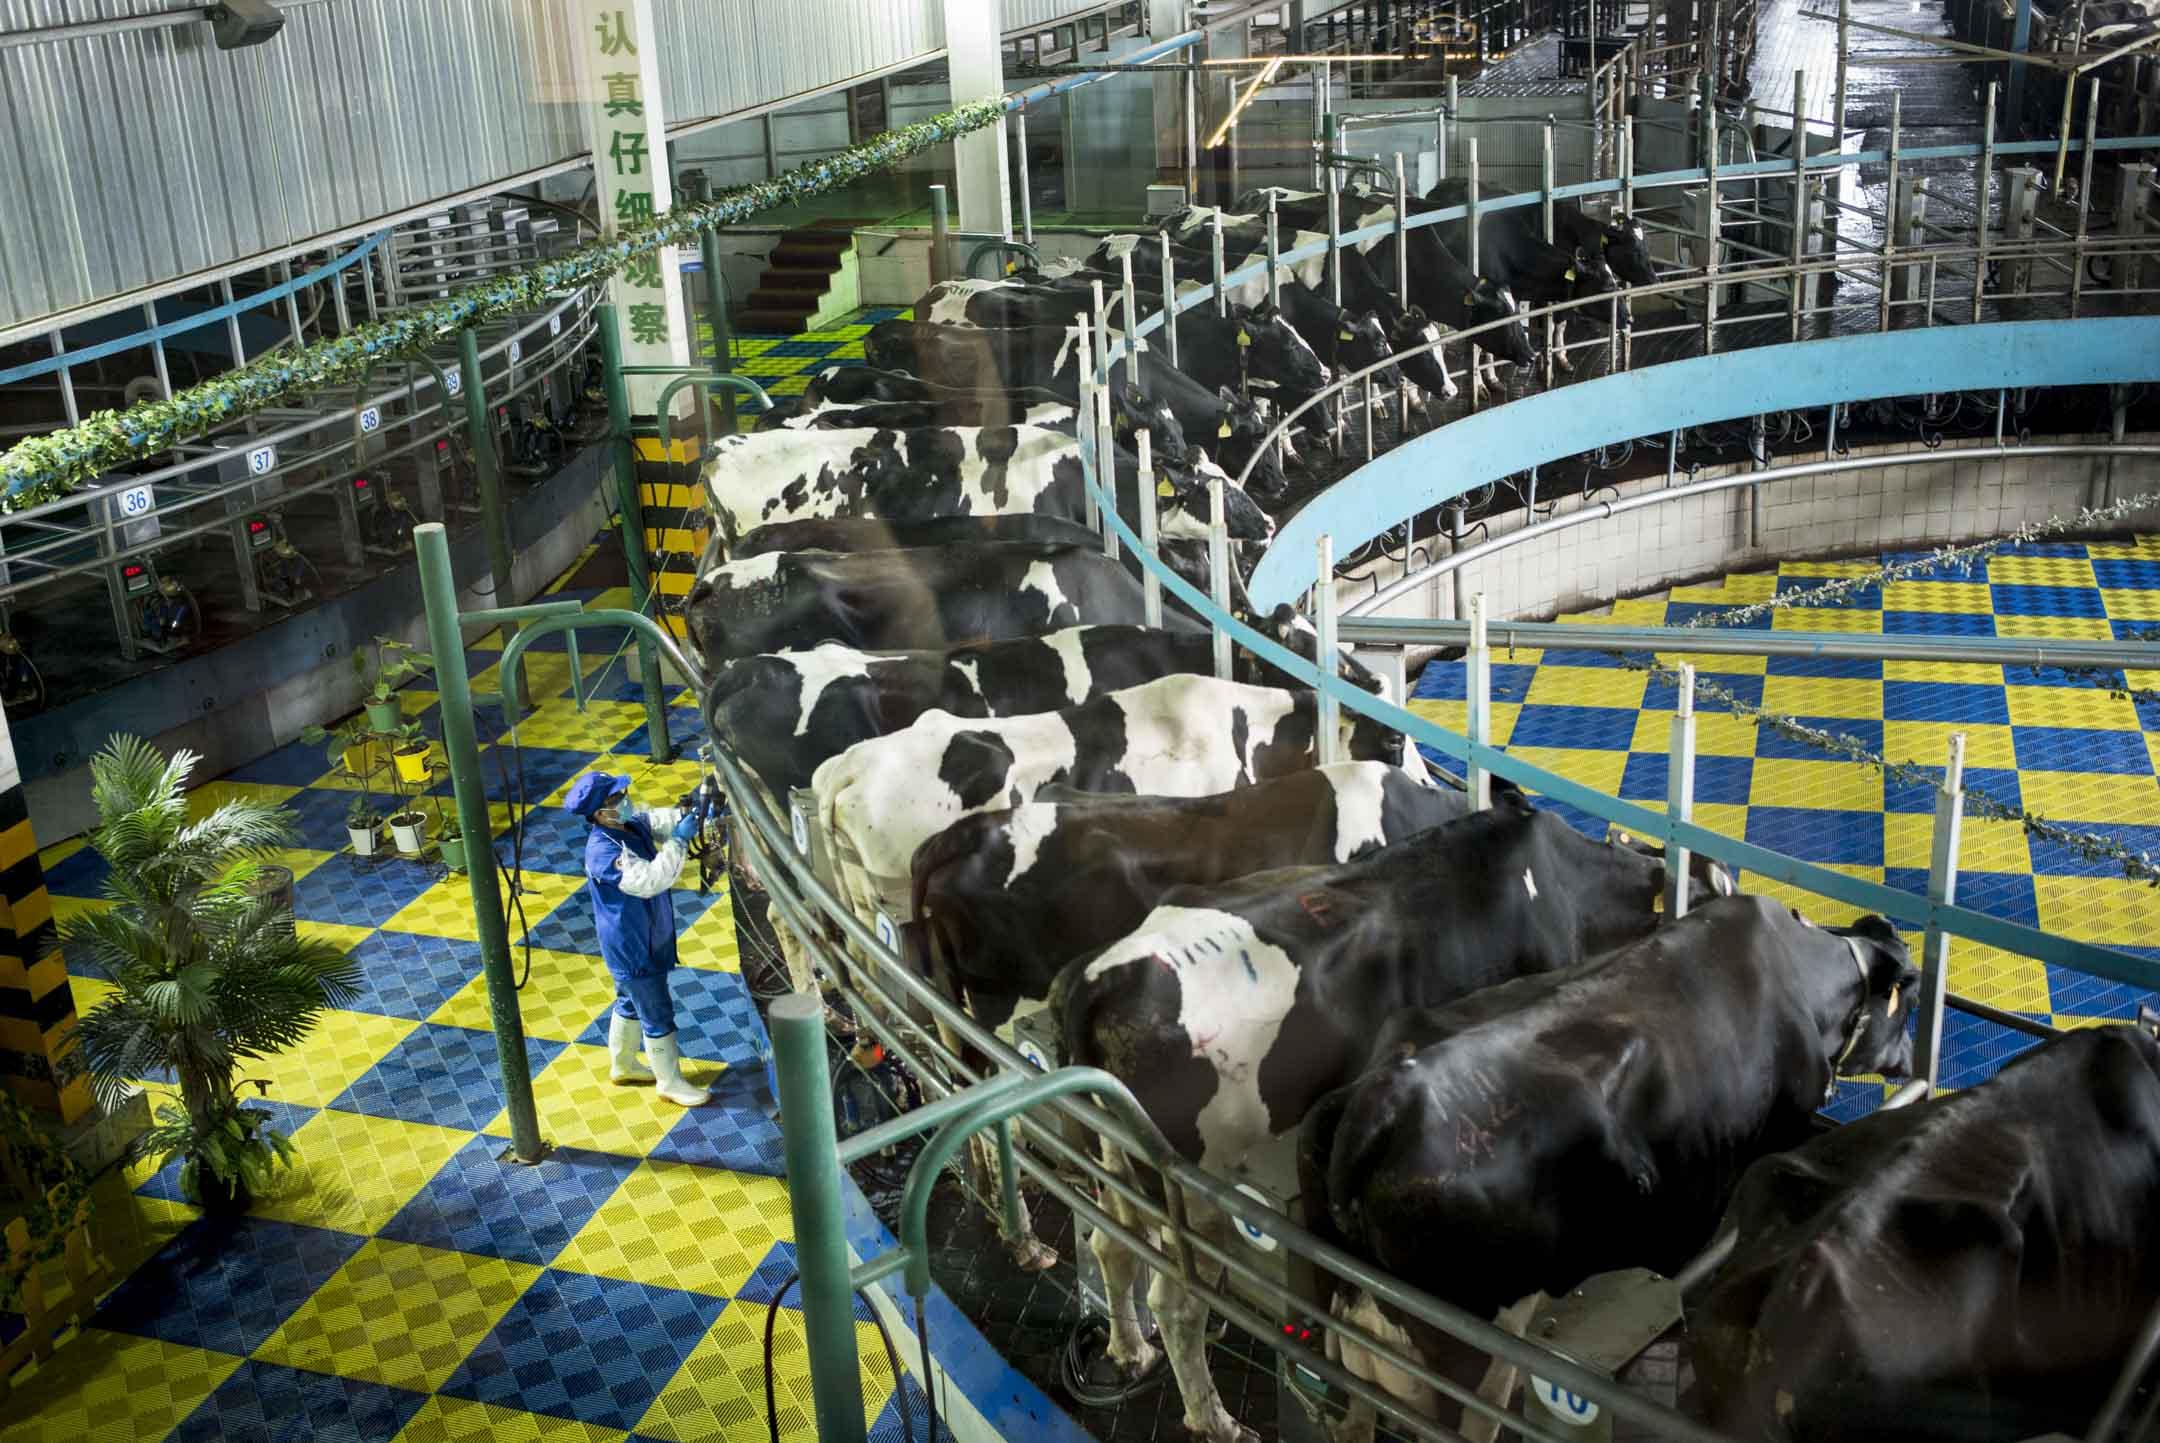 河北省石家莊市郊的君樂寶優致牧場,「訓練有素」的奶牛們正一個接一個站上擠奶轉盤。 攝:林振東/端傳媒